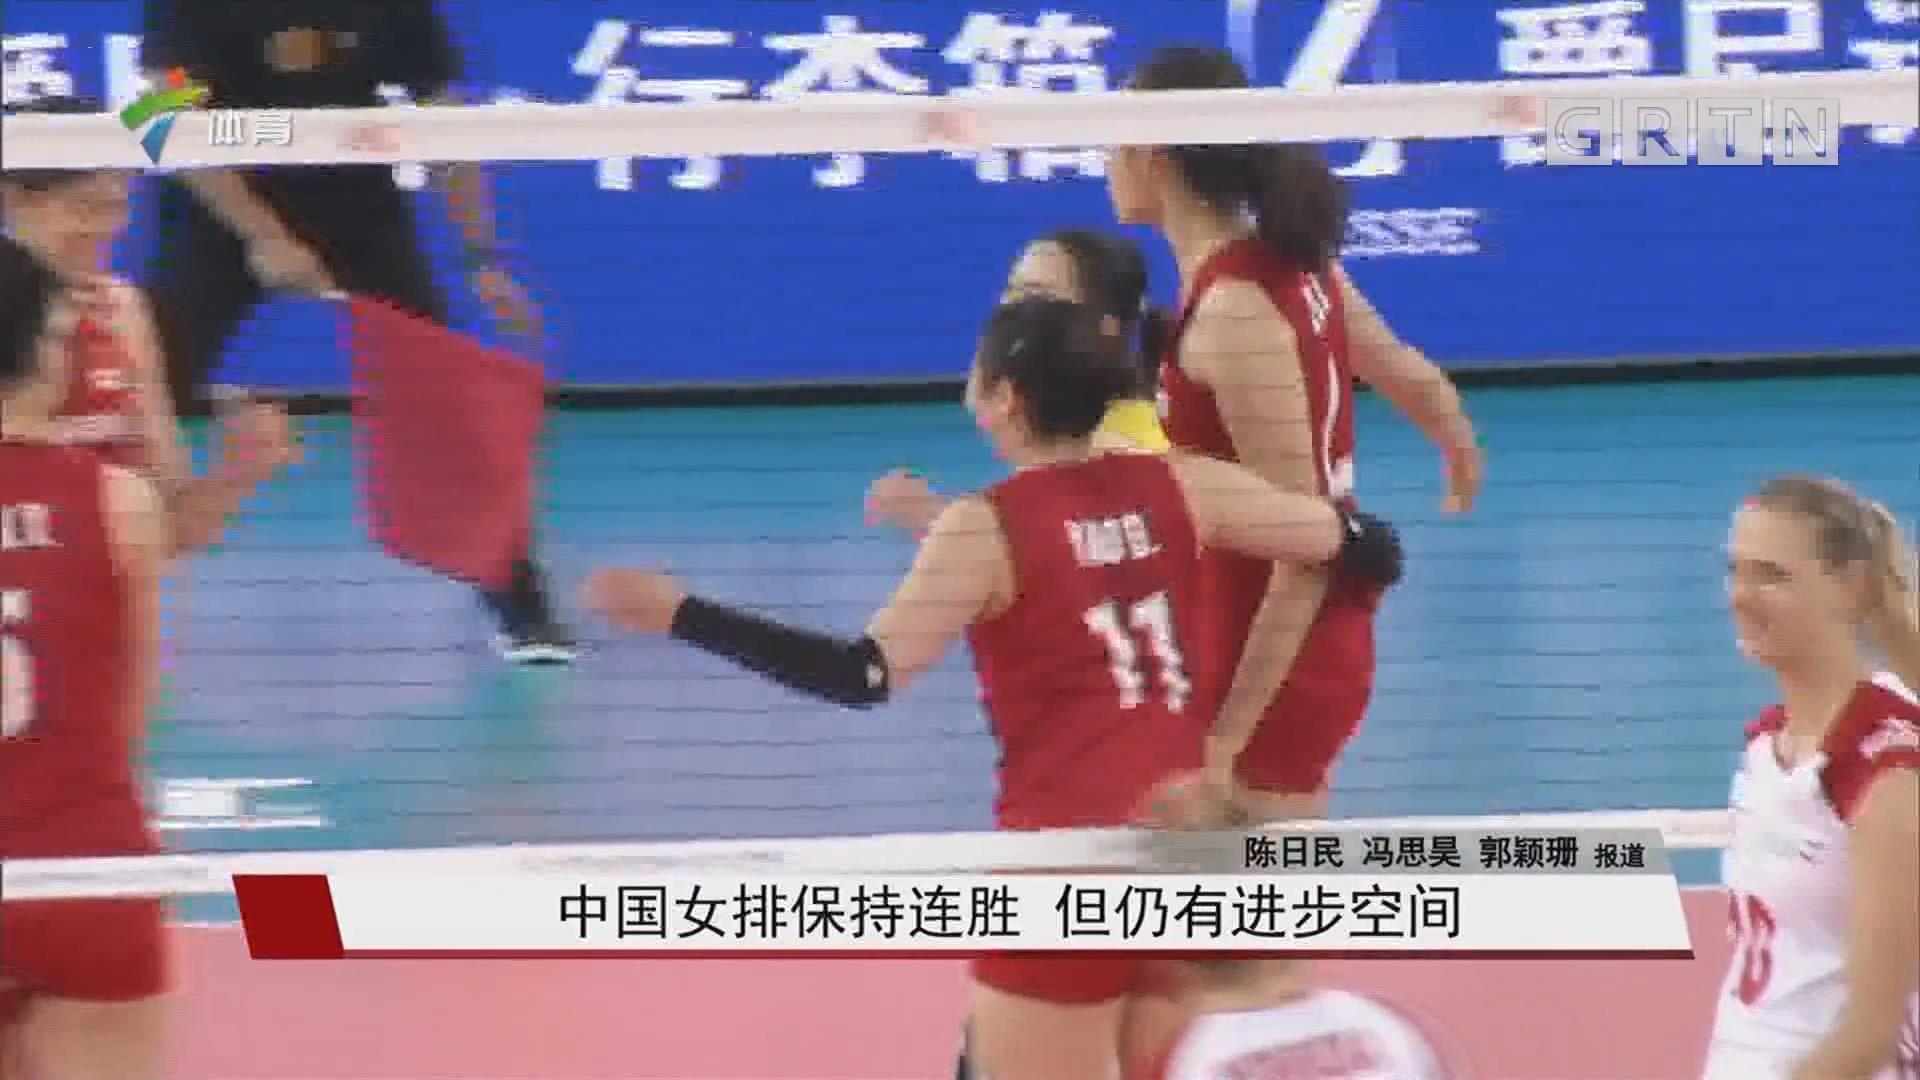 中国女排保持连胜 但仍有进步空间